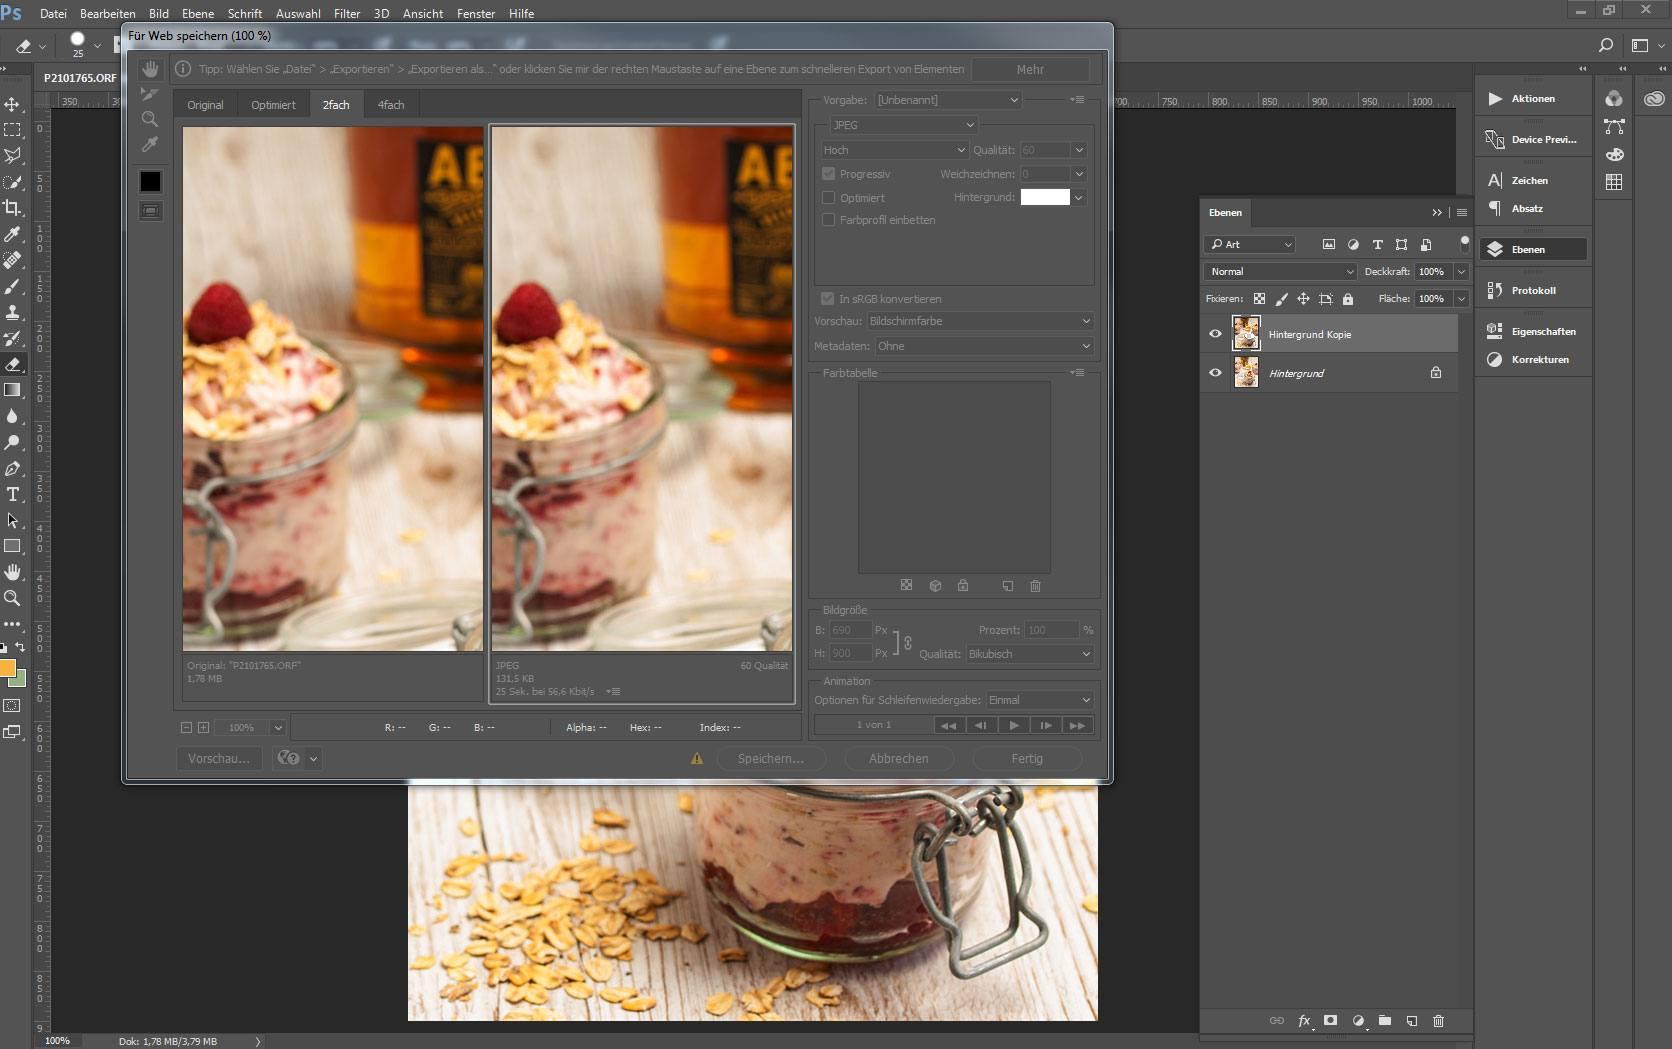 Ansicht eines Bildes in Adobe Photoshop mit aktivem Dialogfenster für Web speichern